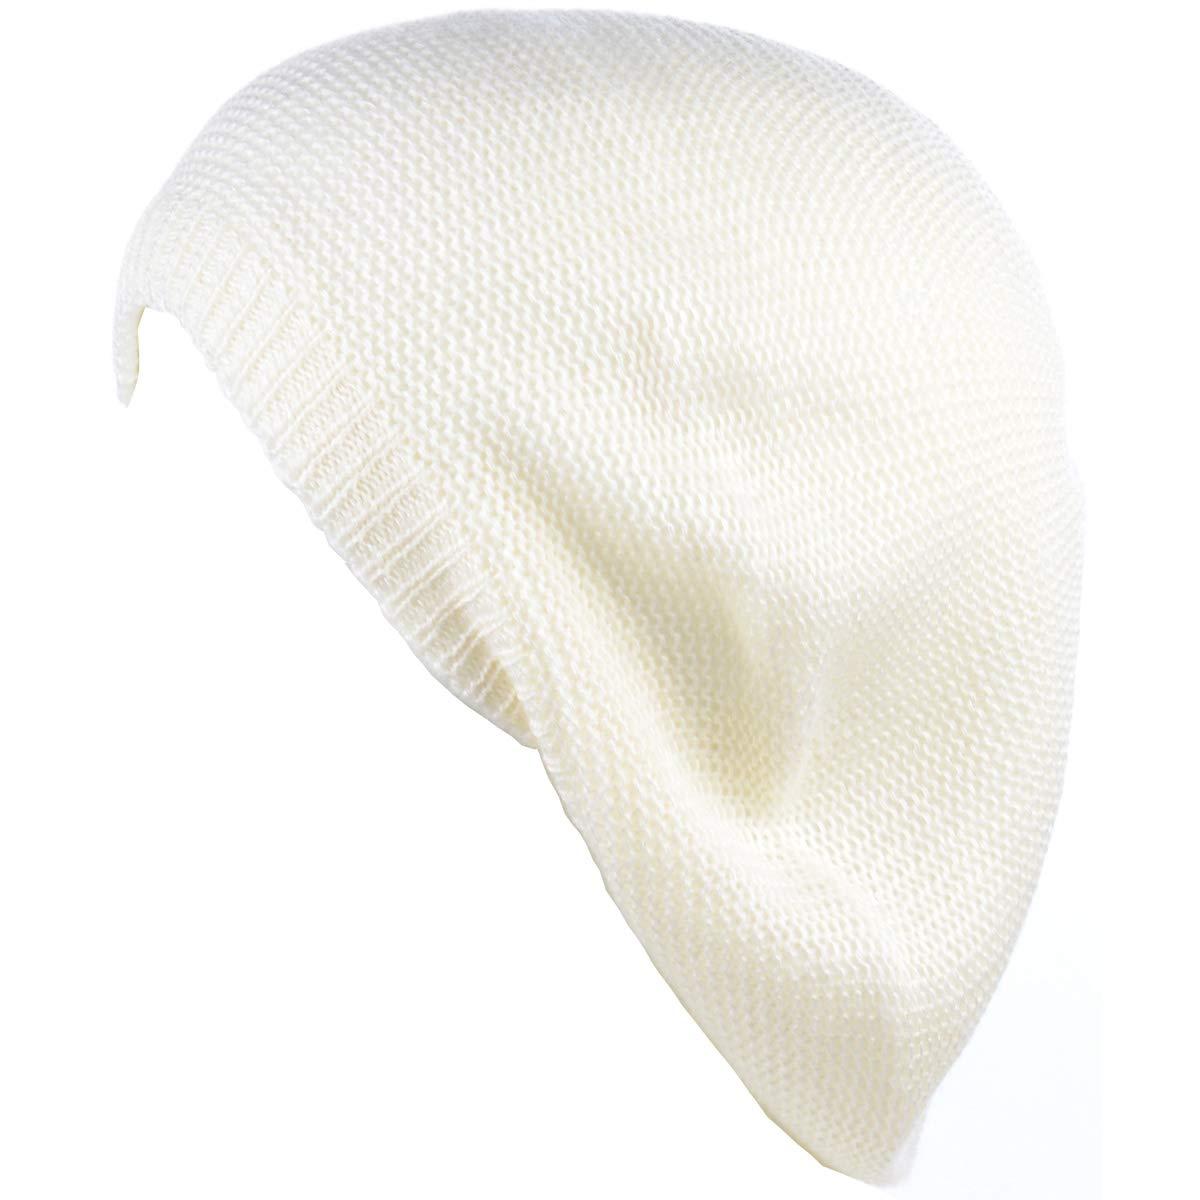 6f4424867 Women's Crochet Hat Patterns – Easy Crochet Patterns